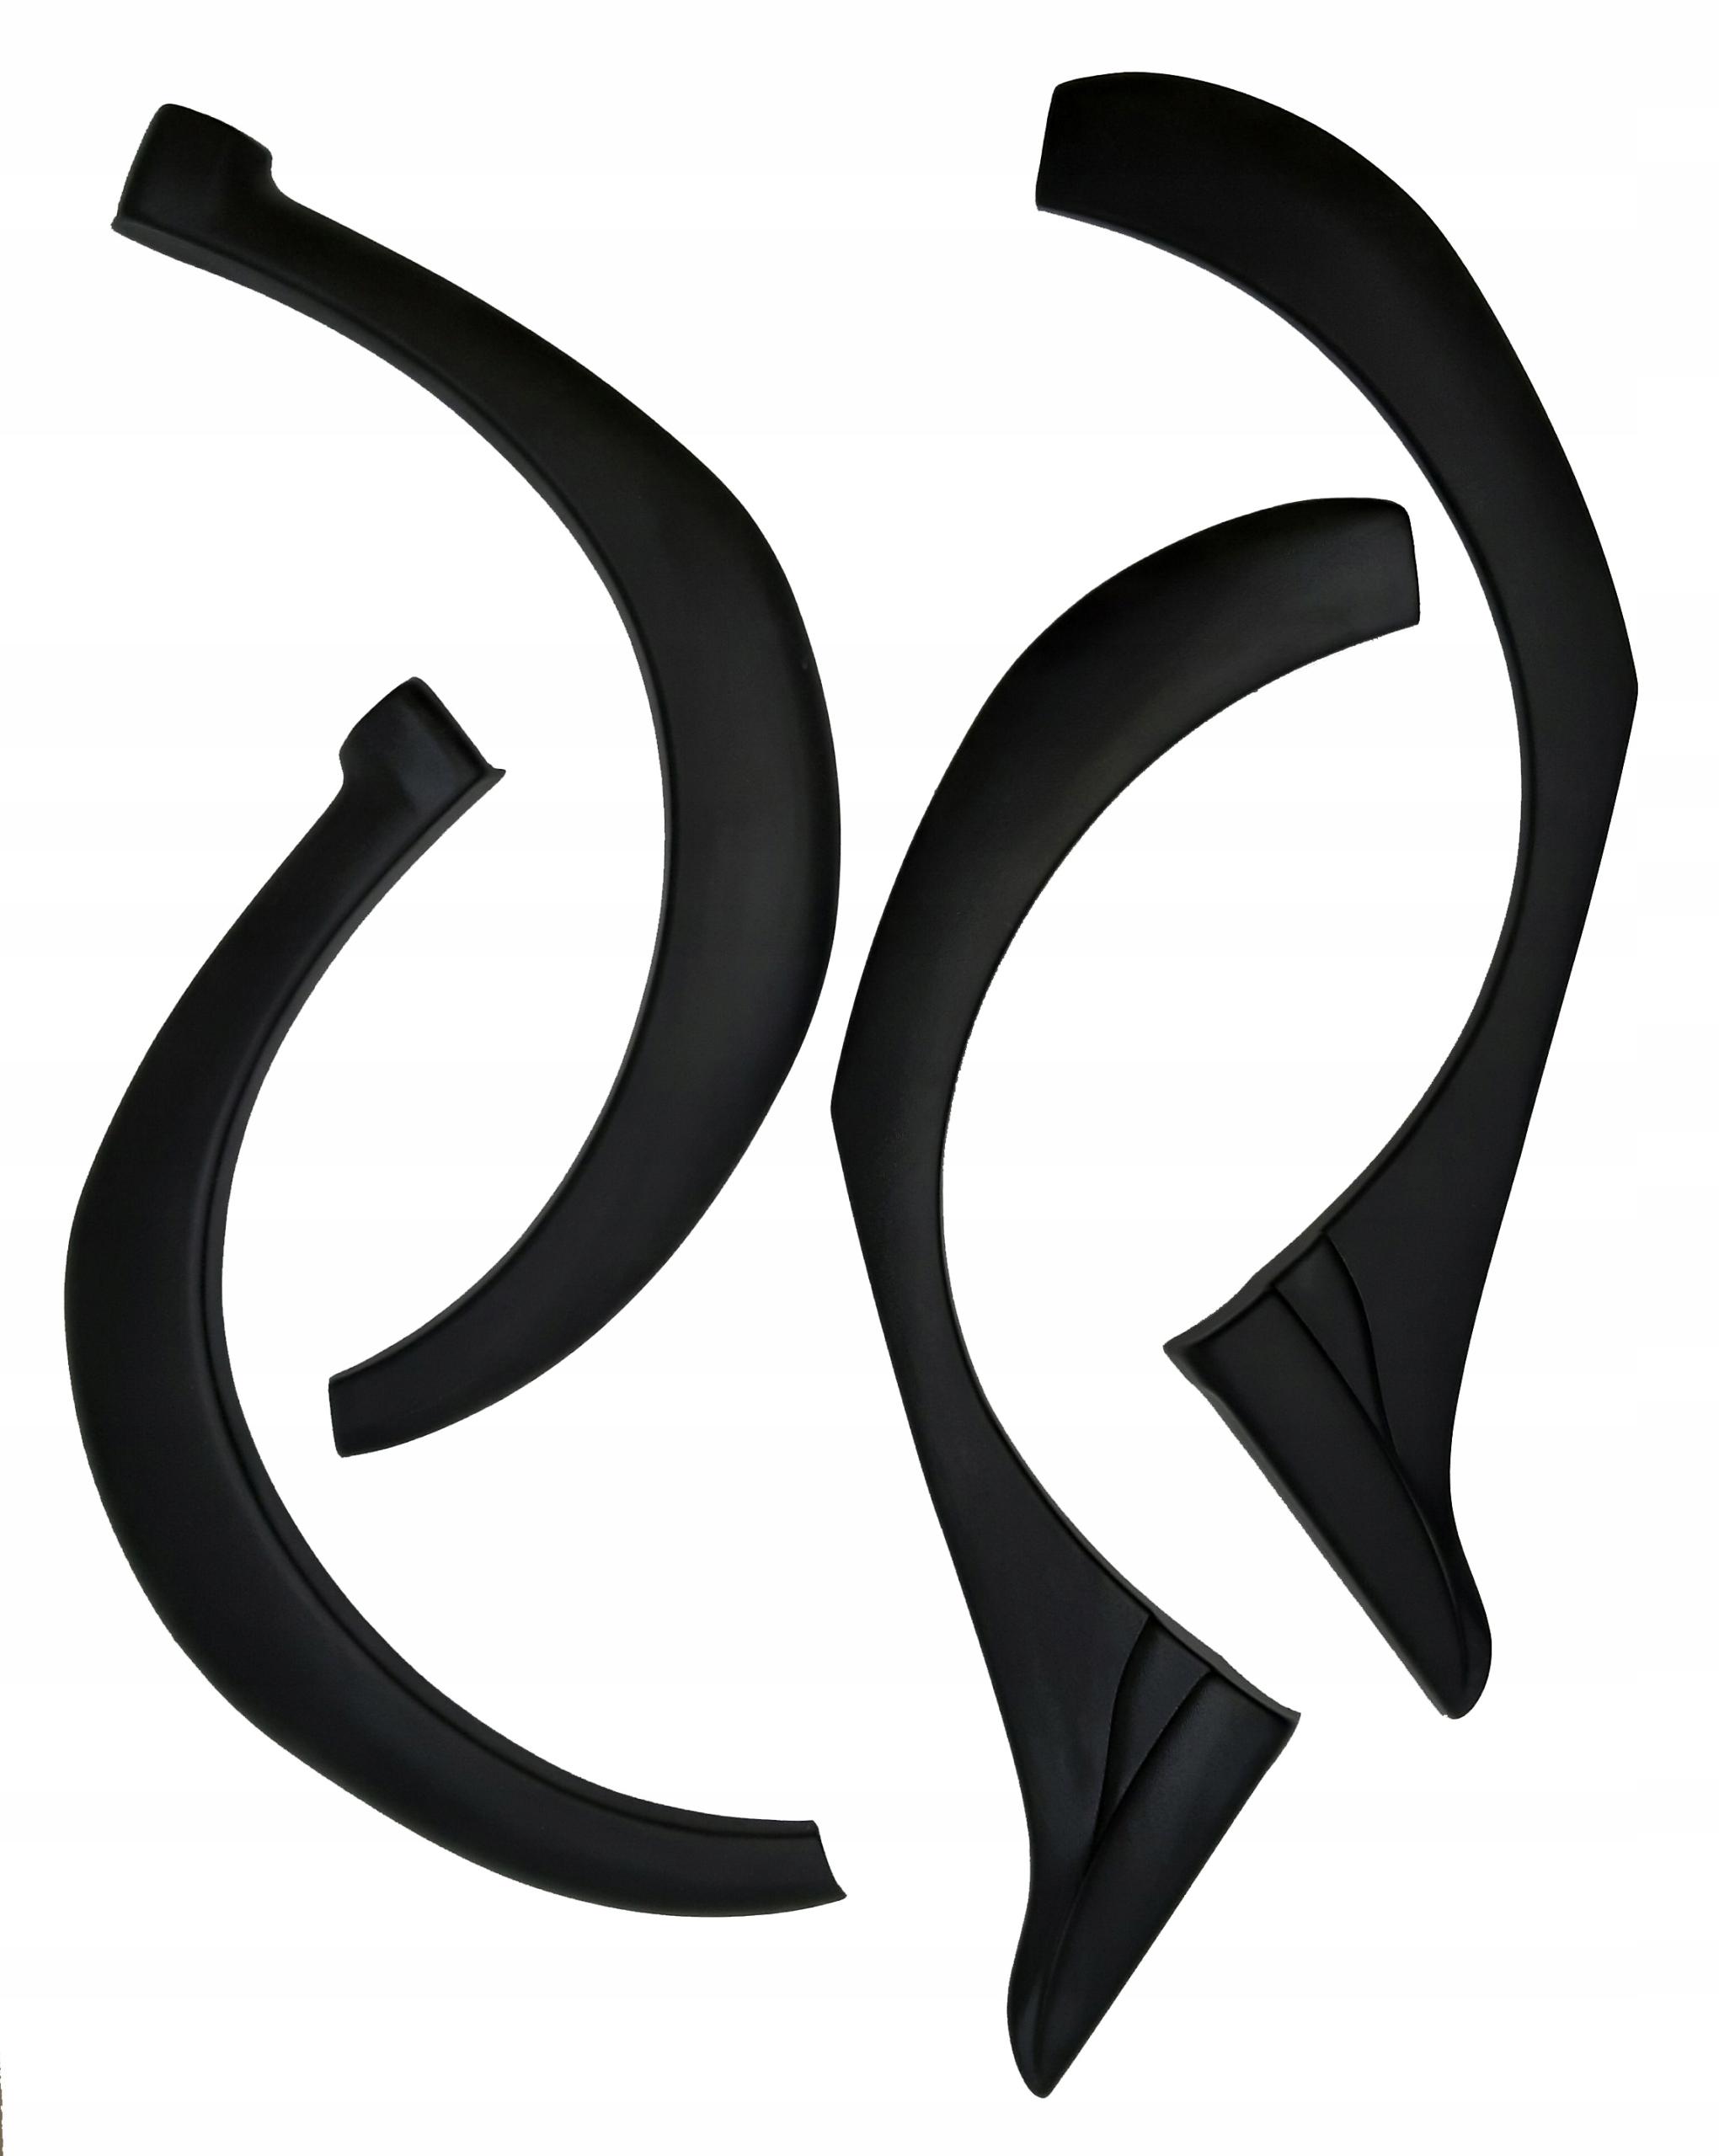 накладки крыло крыльев skoda fabia i